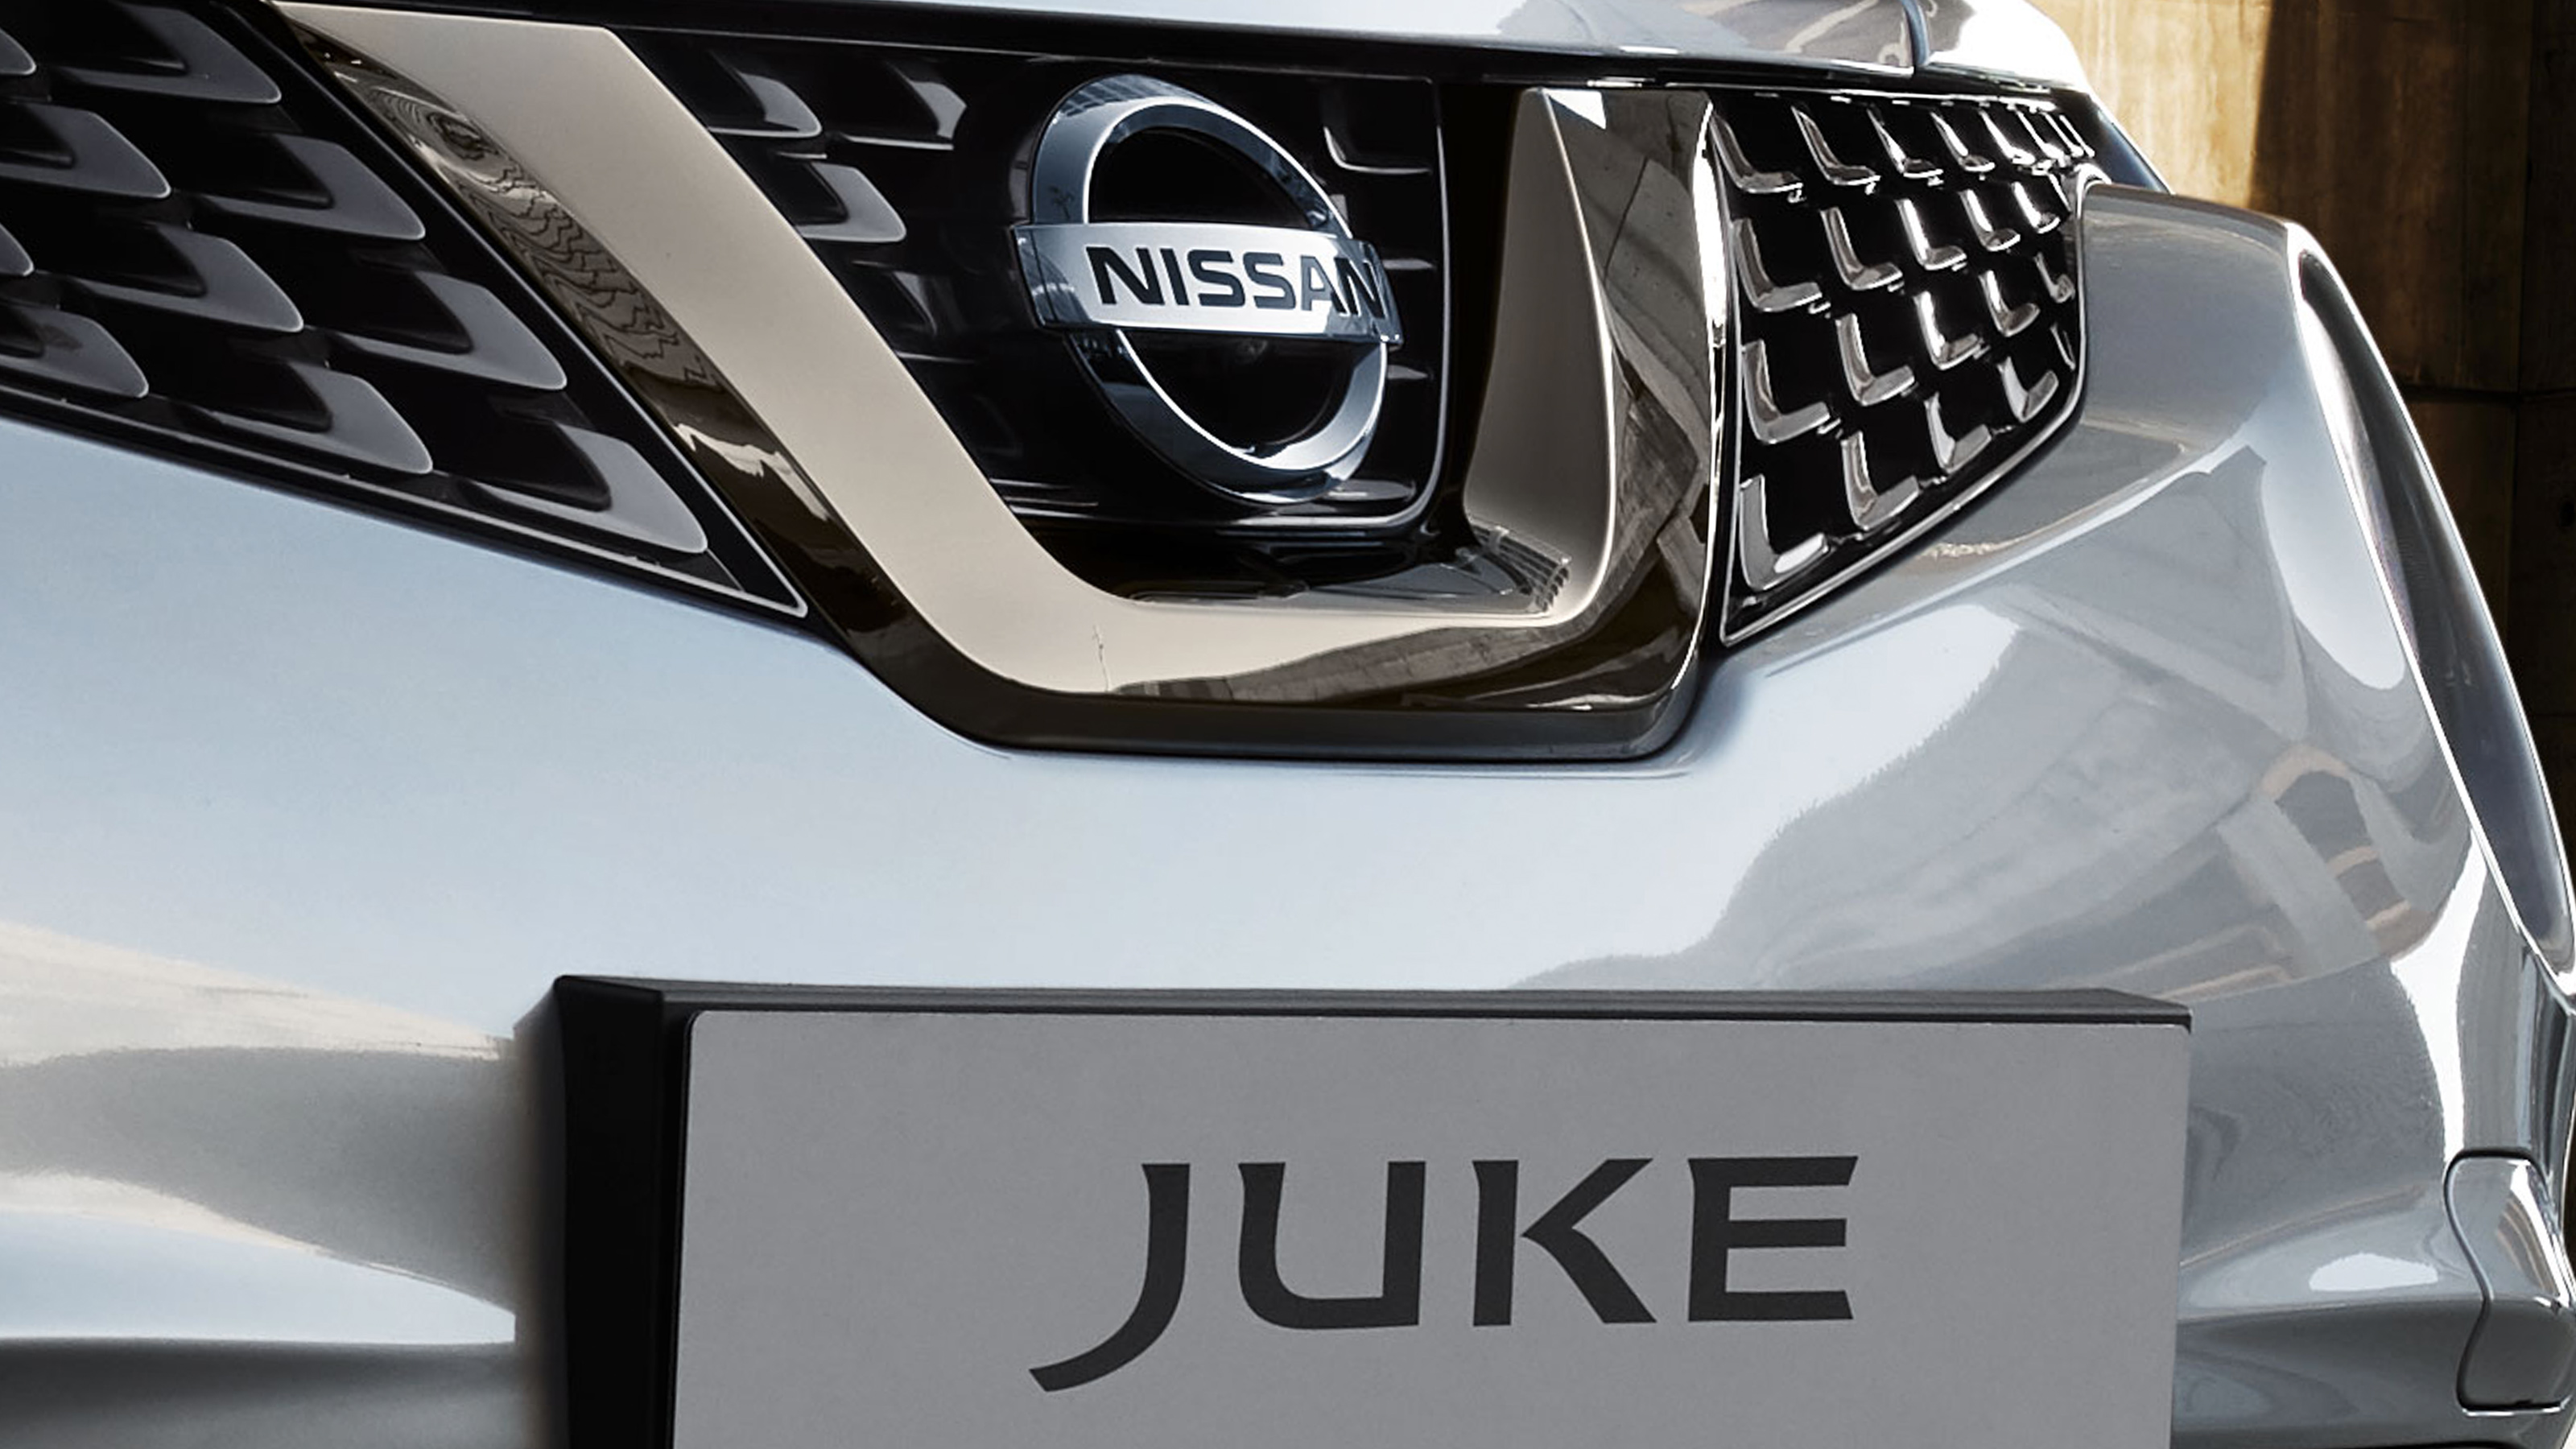 Nissan JUKE2018: V-образная решетка радиатора